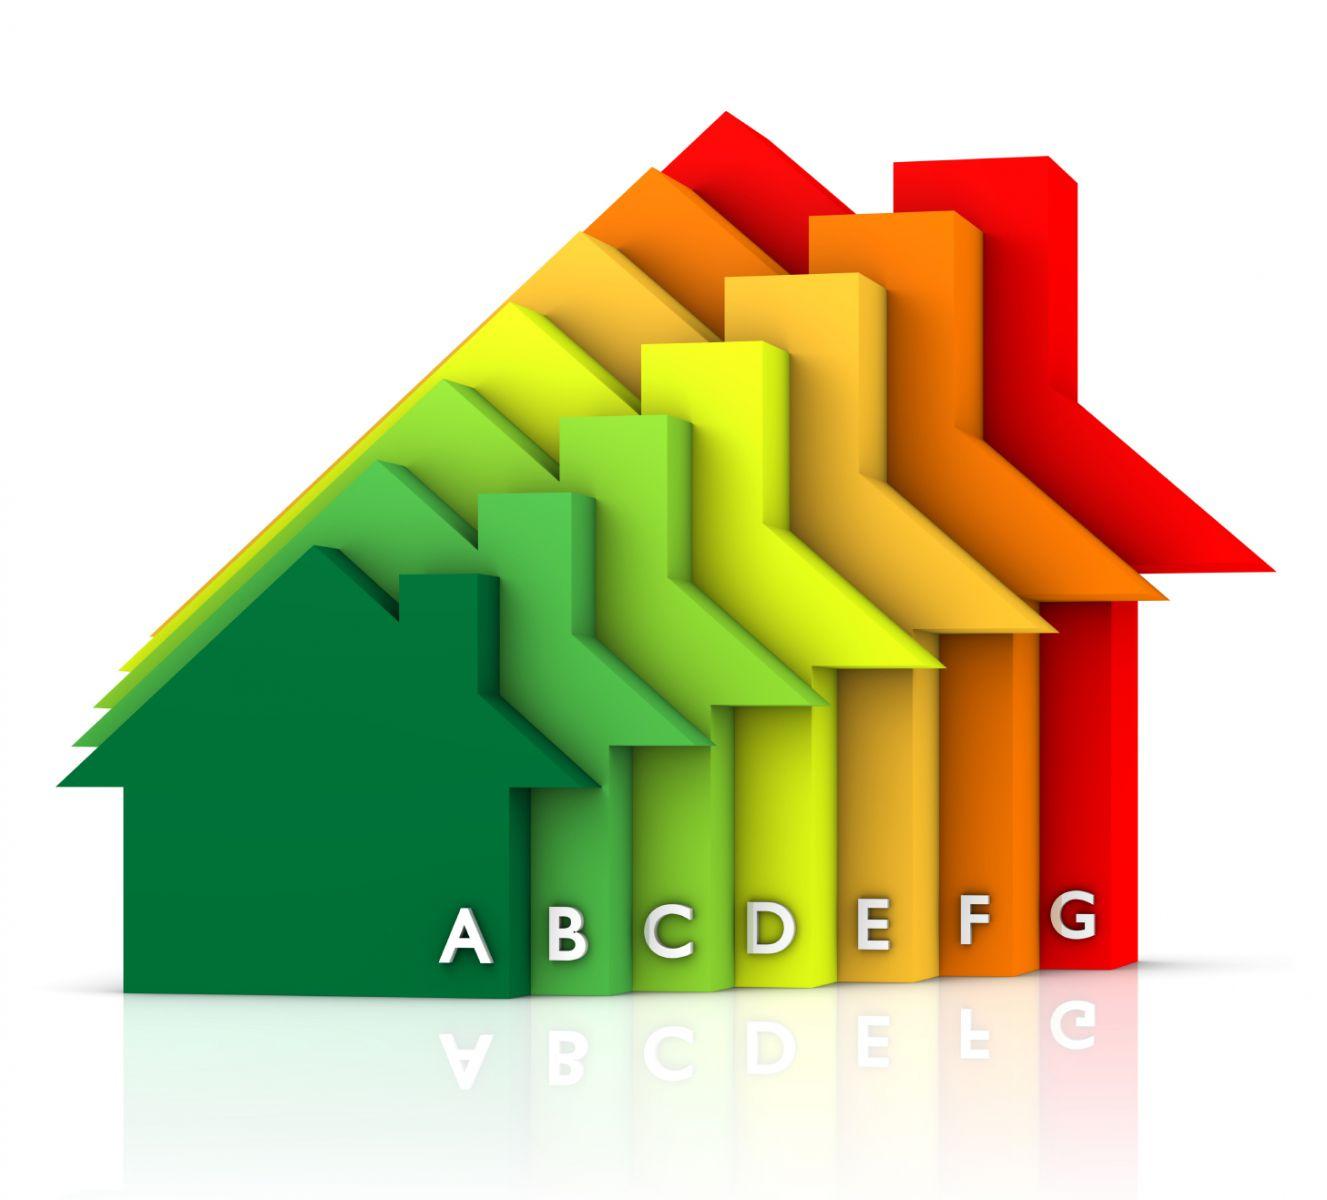 Les français globalement insatisfaits de la qualité énergétique de leur logement